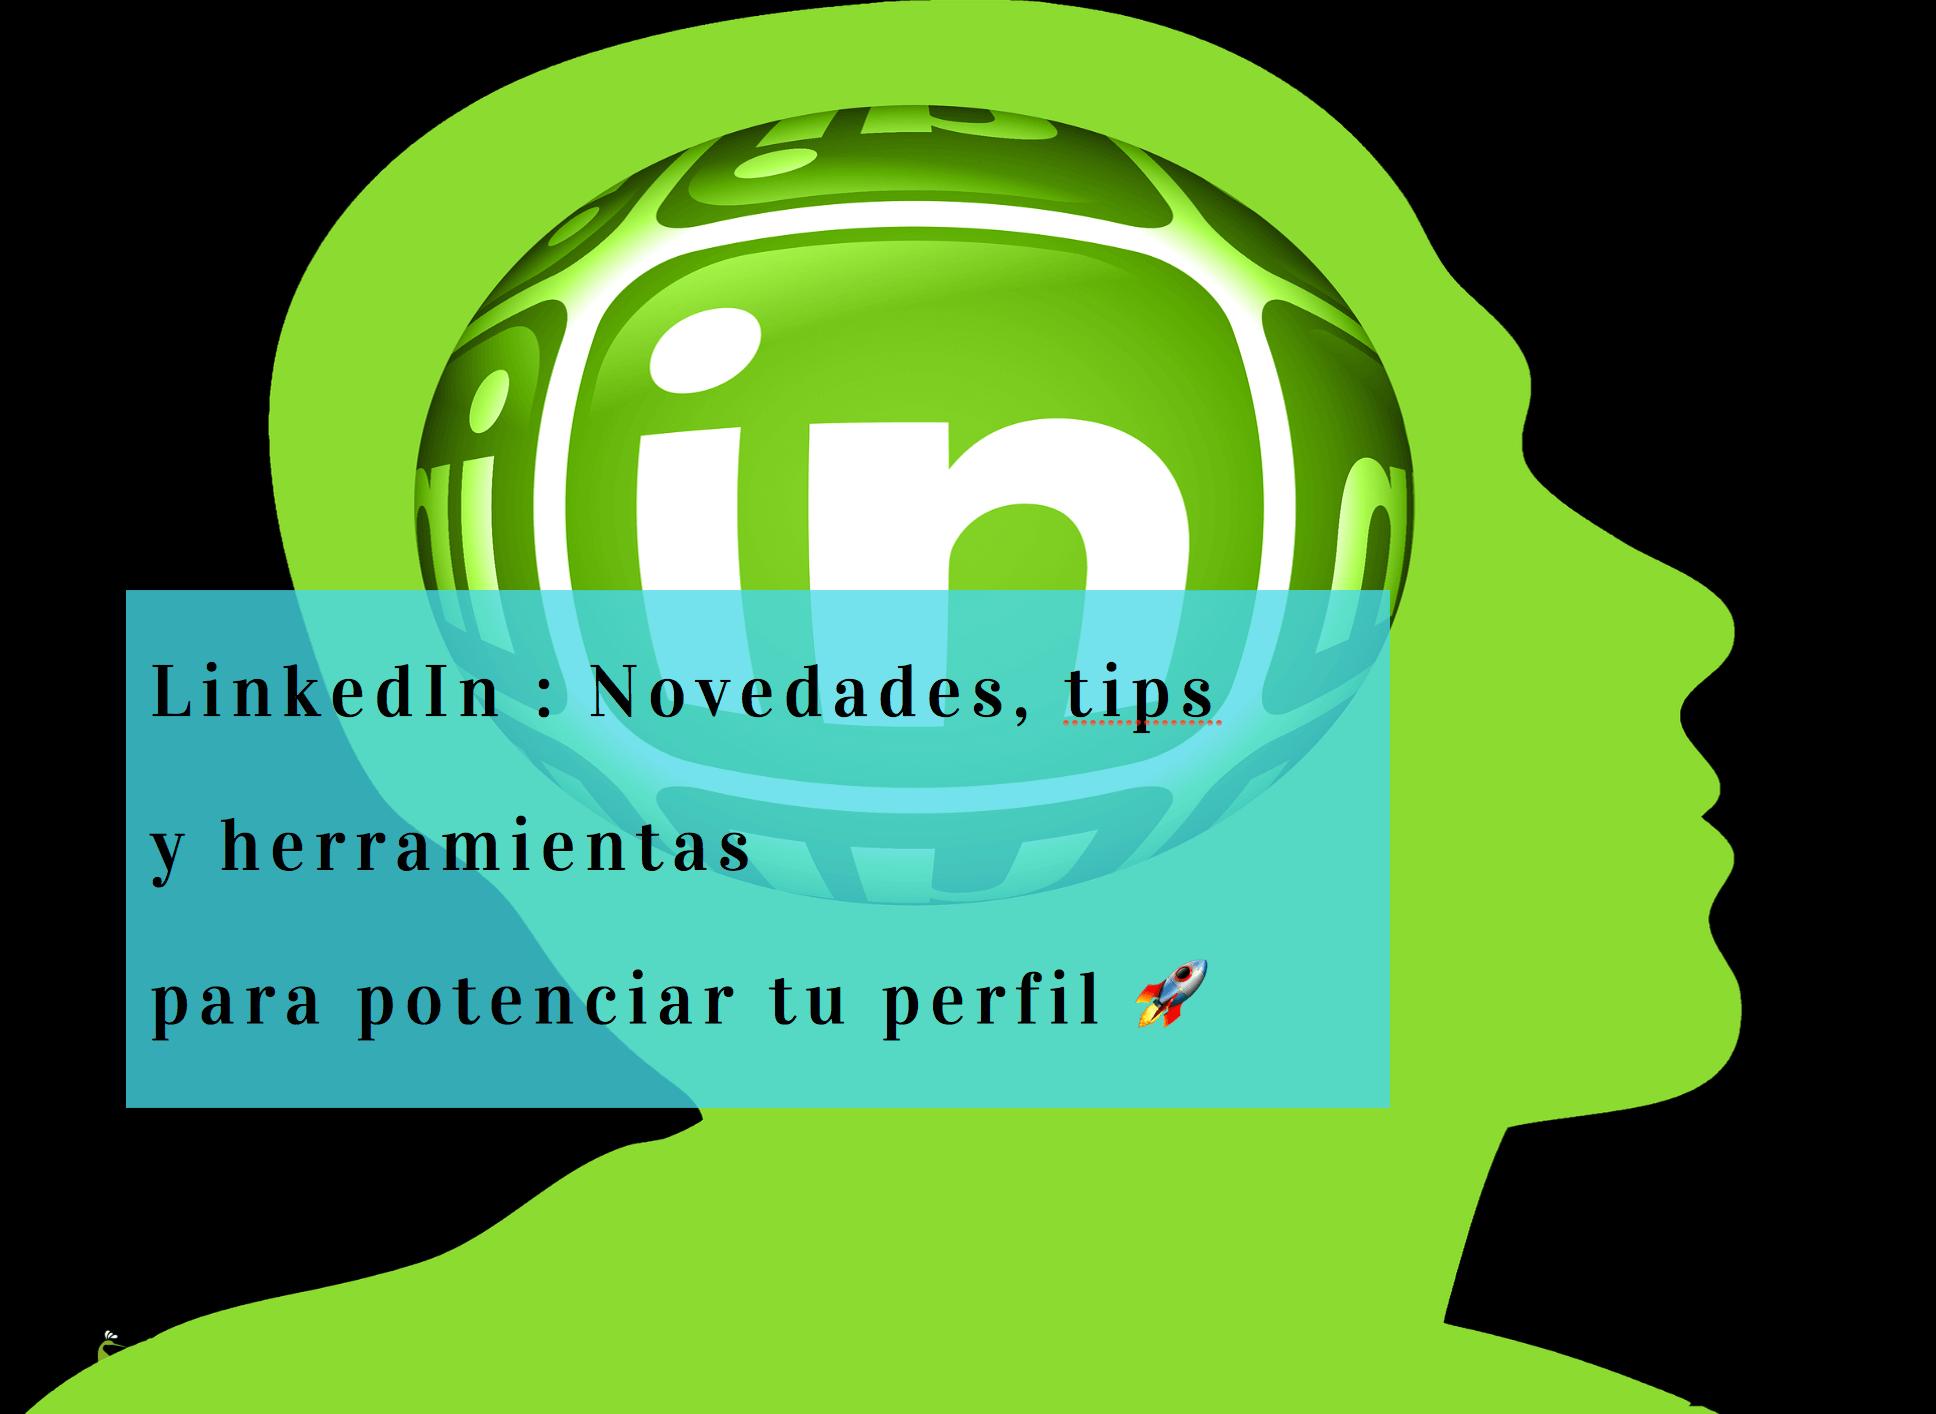 linkedin-novedades-tips-herramientas que te ayudarán a potenciar tu perfil de linkedin